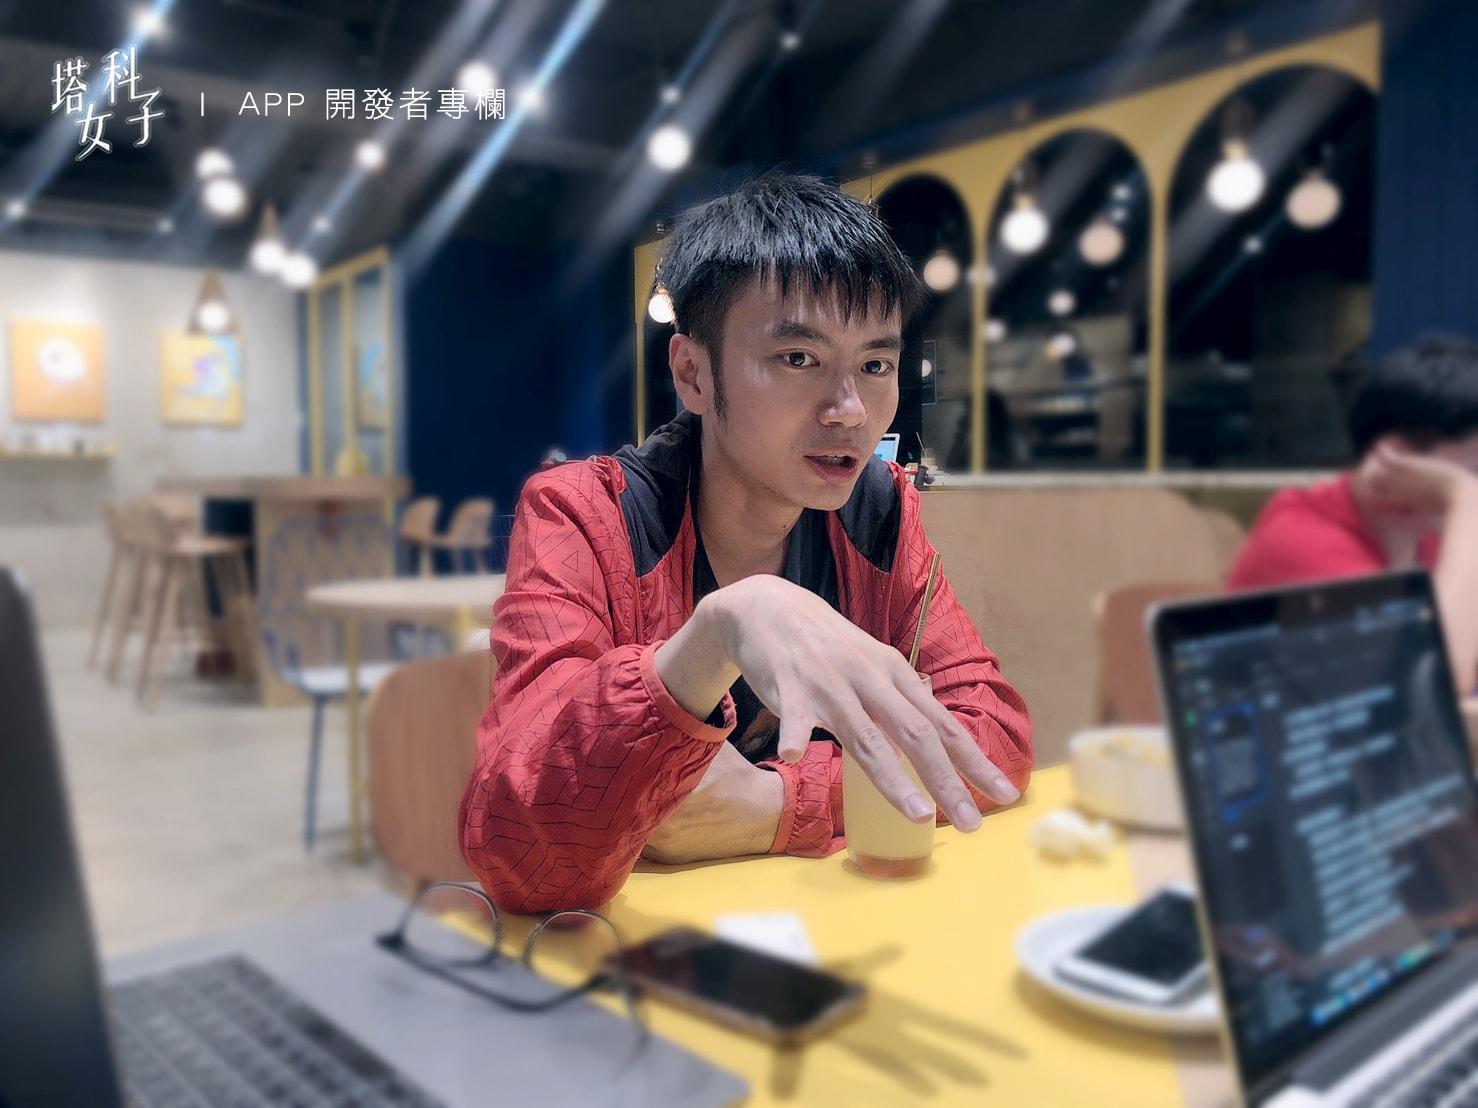 彼得潘 iOS 程式課程